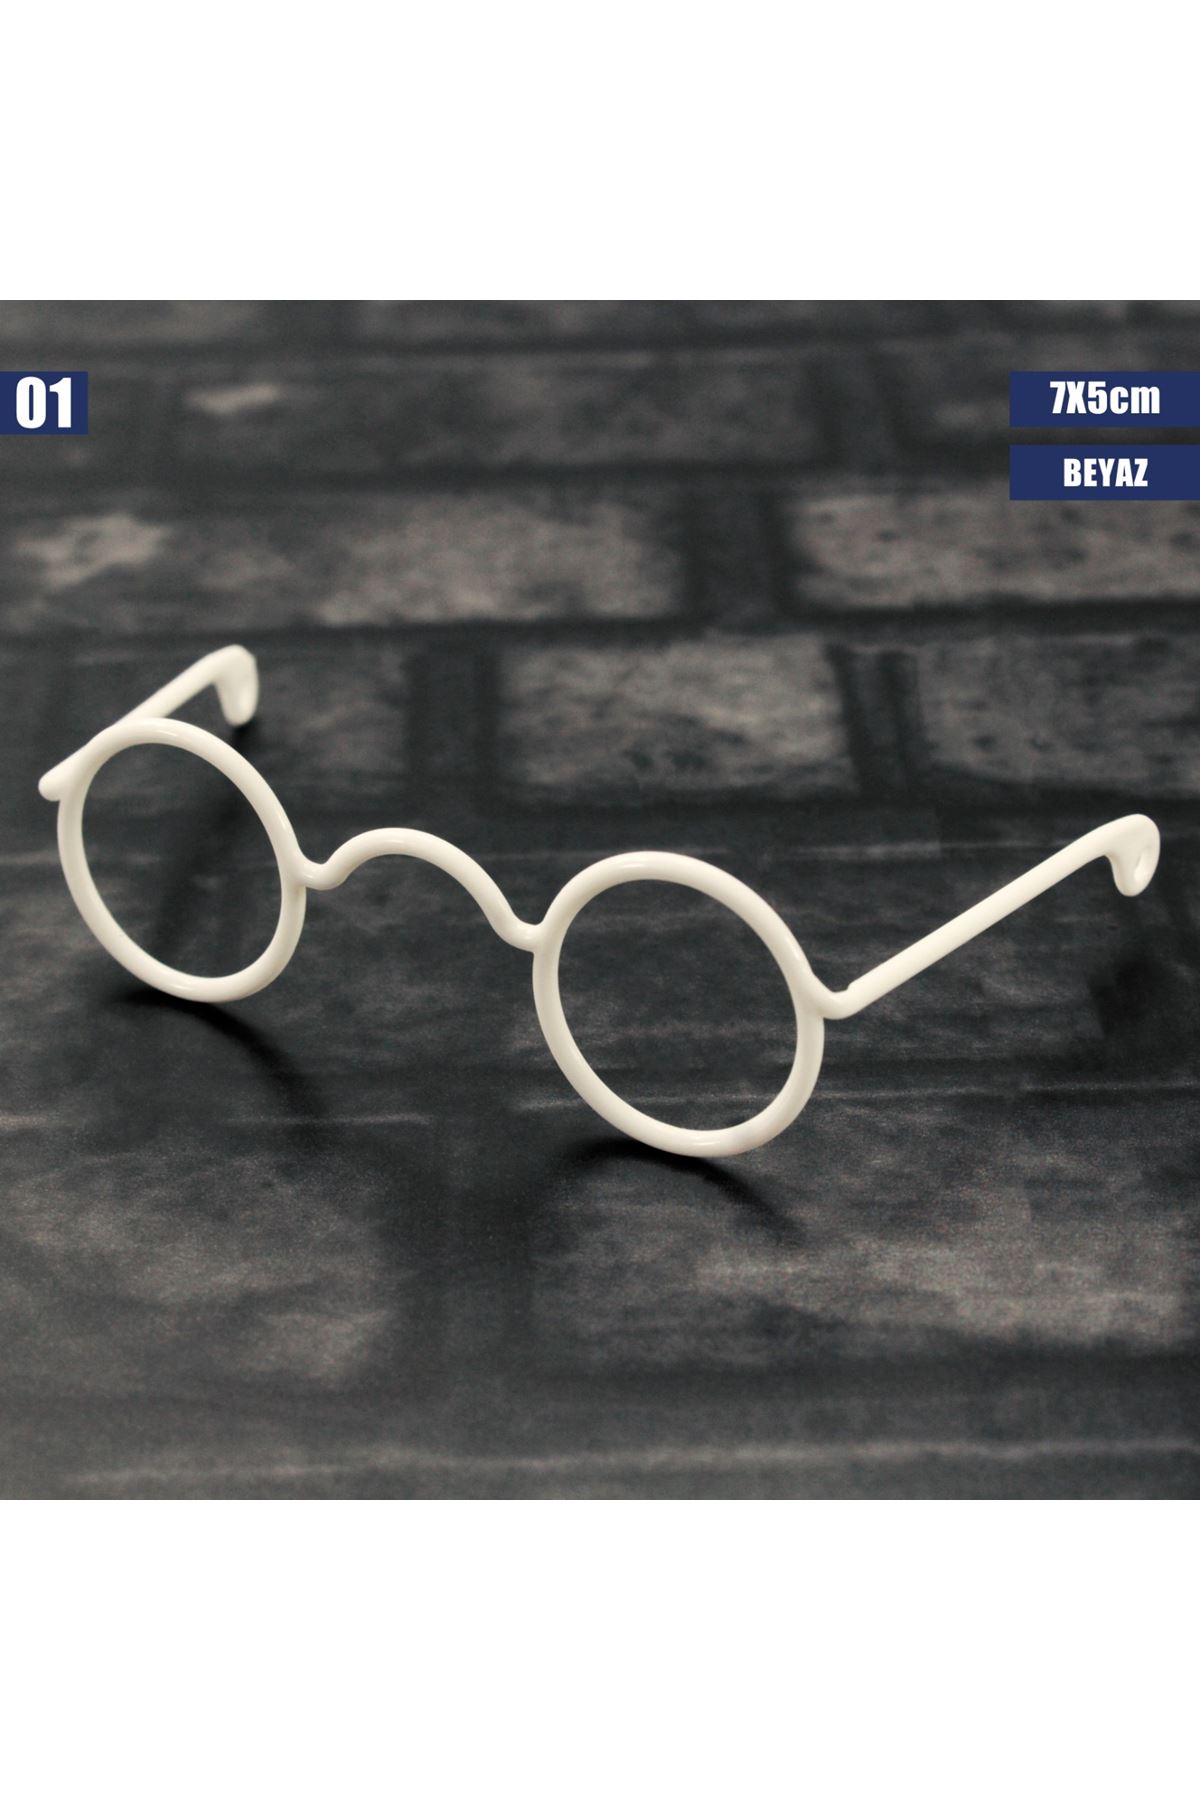 Amigurumi Gözlüğü 01